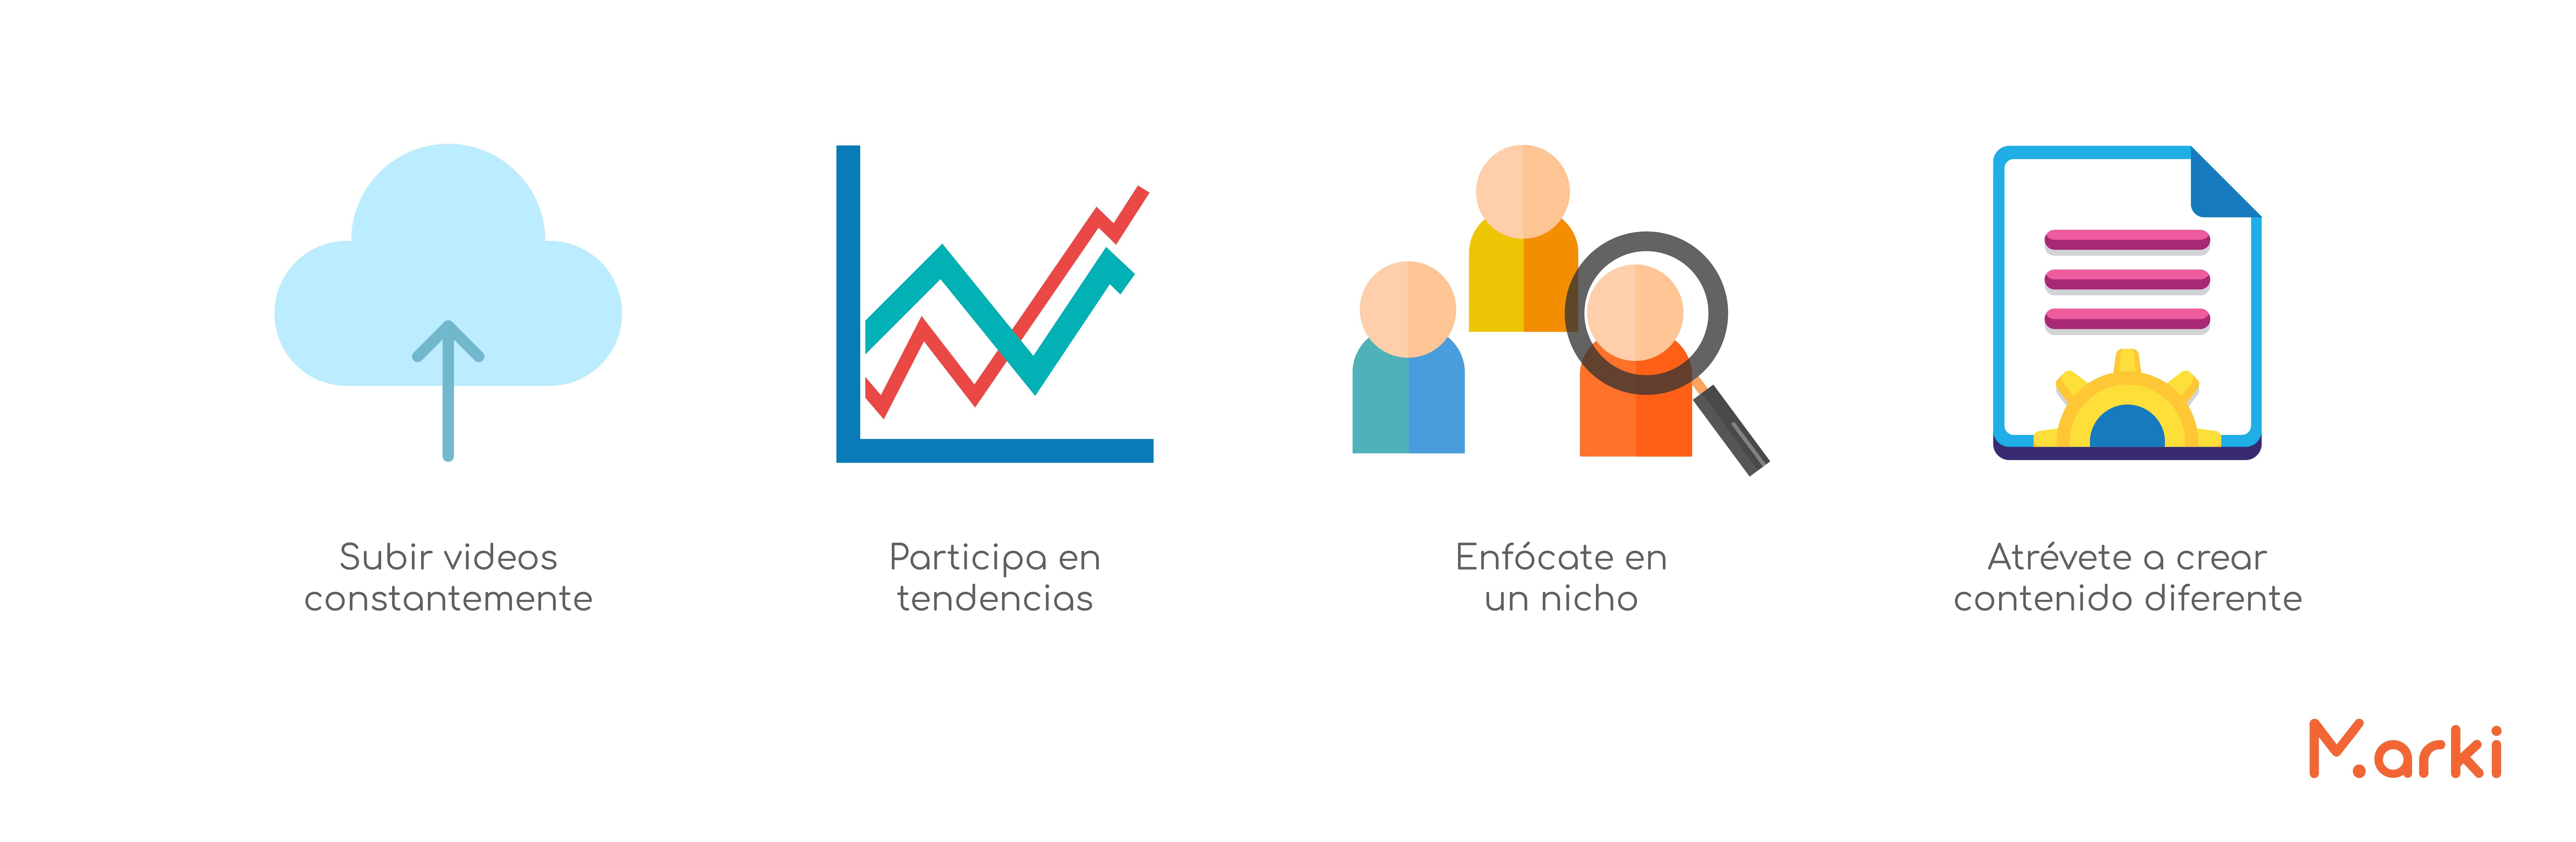 consejos para hacerse viral en tiktok voluntariado peru voluntariado online capacitacion de marketing digital voluntariado marki